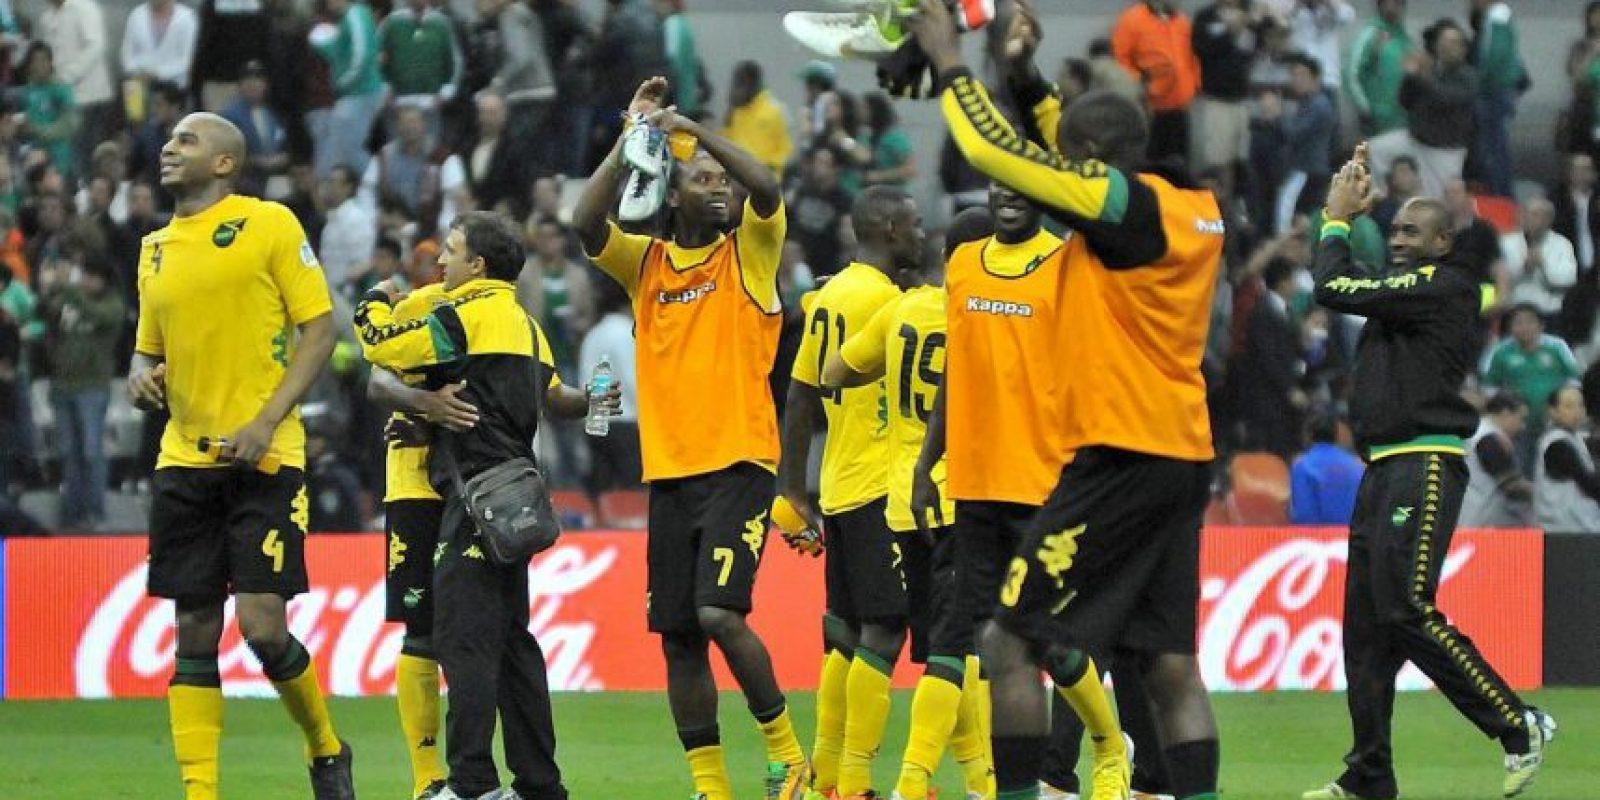 """Los """"Reggae Boys"""" serán el segundo invitado de Conmebol para la Copa América de Chile 2015 (el primero es México). Foto:Vía facebook.com/JamaicaFootballFederation"""